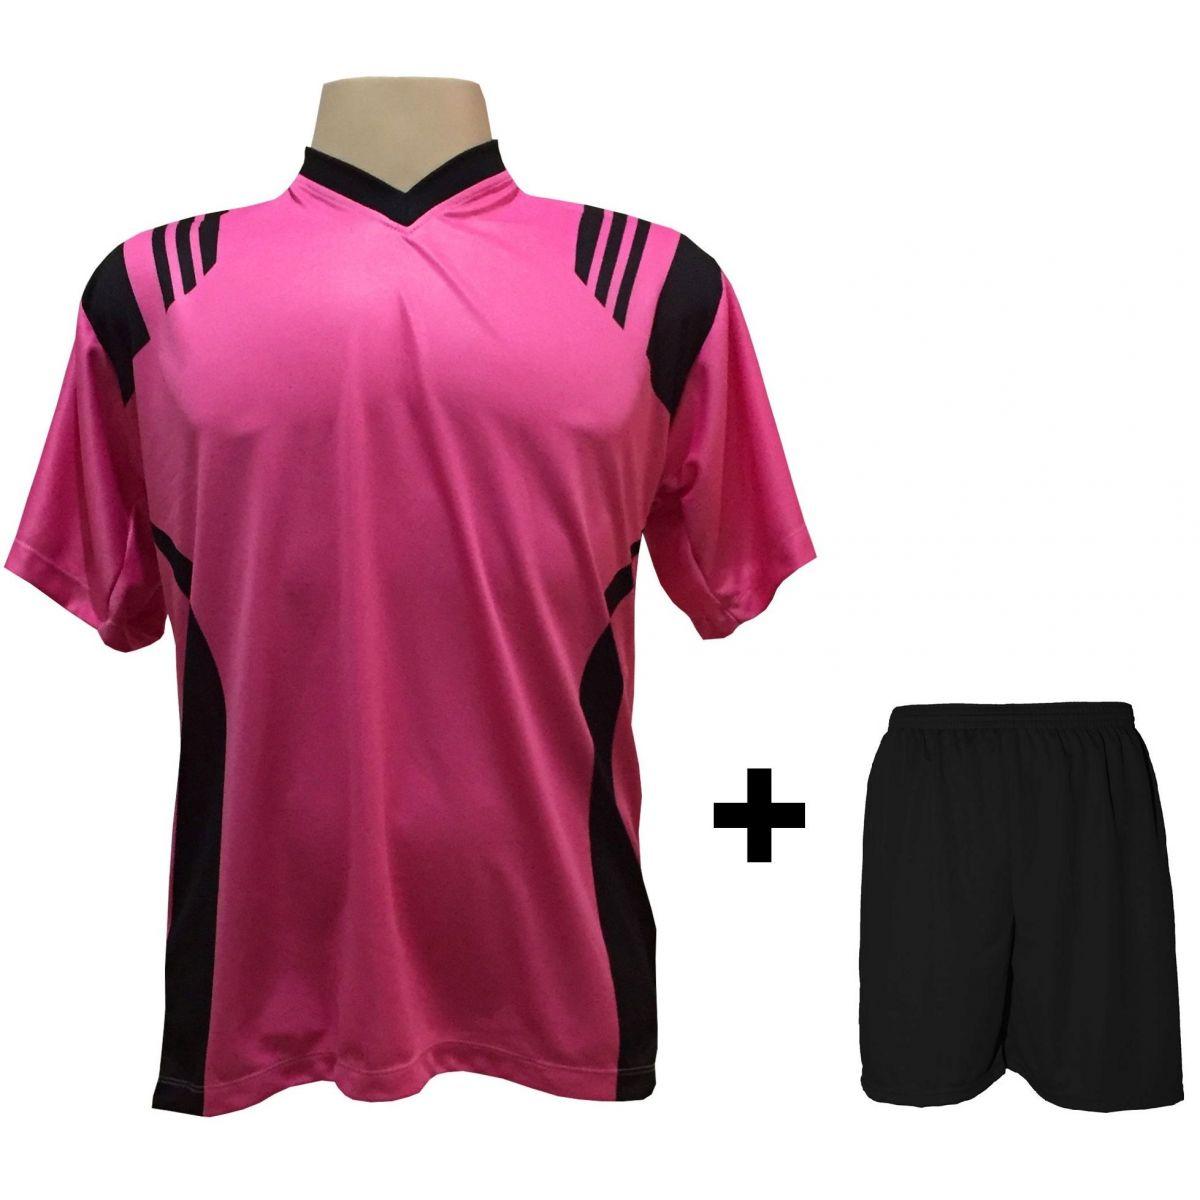 Uniforme Esportivo com 12 Camisas modelo Roma Pink/Preto + 12 Calções modelo Madrid Preto + Brindes